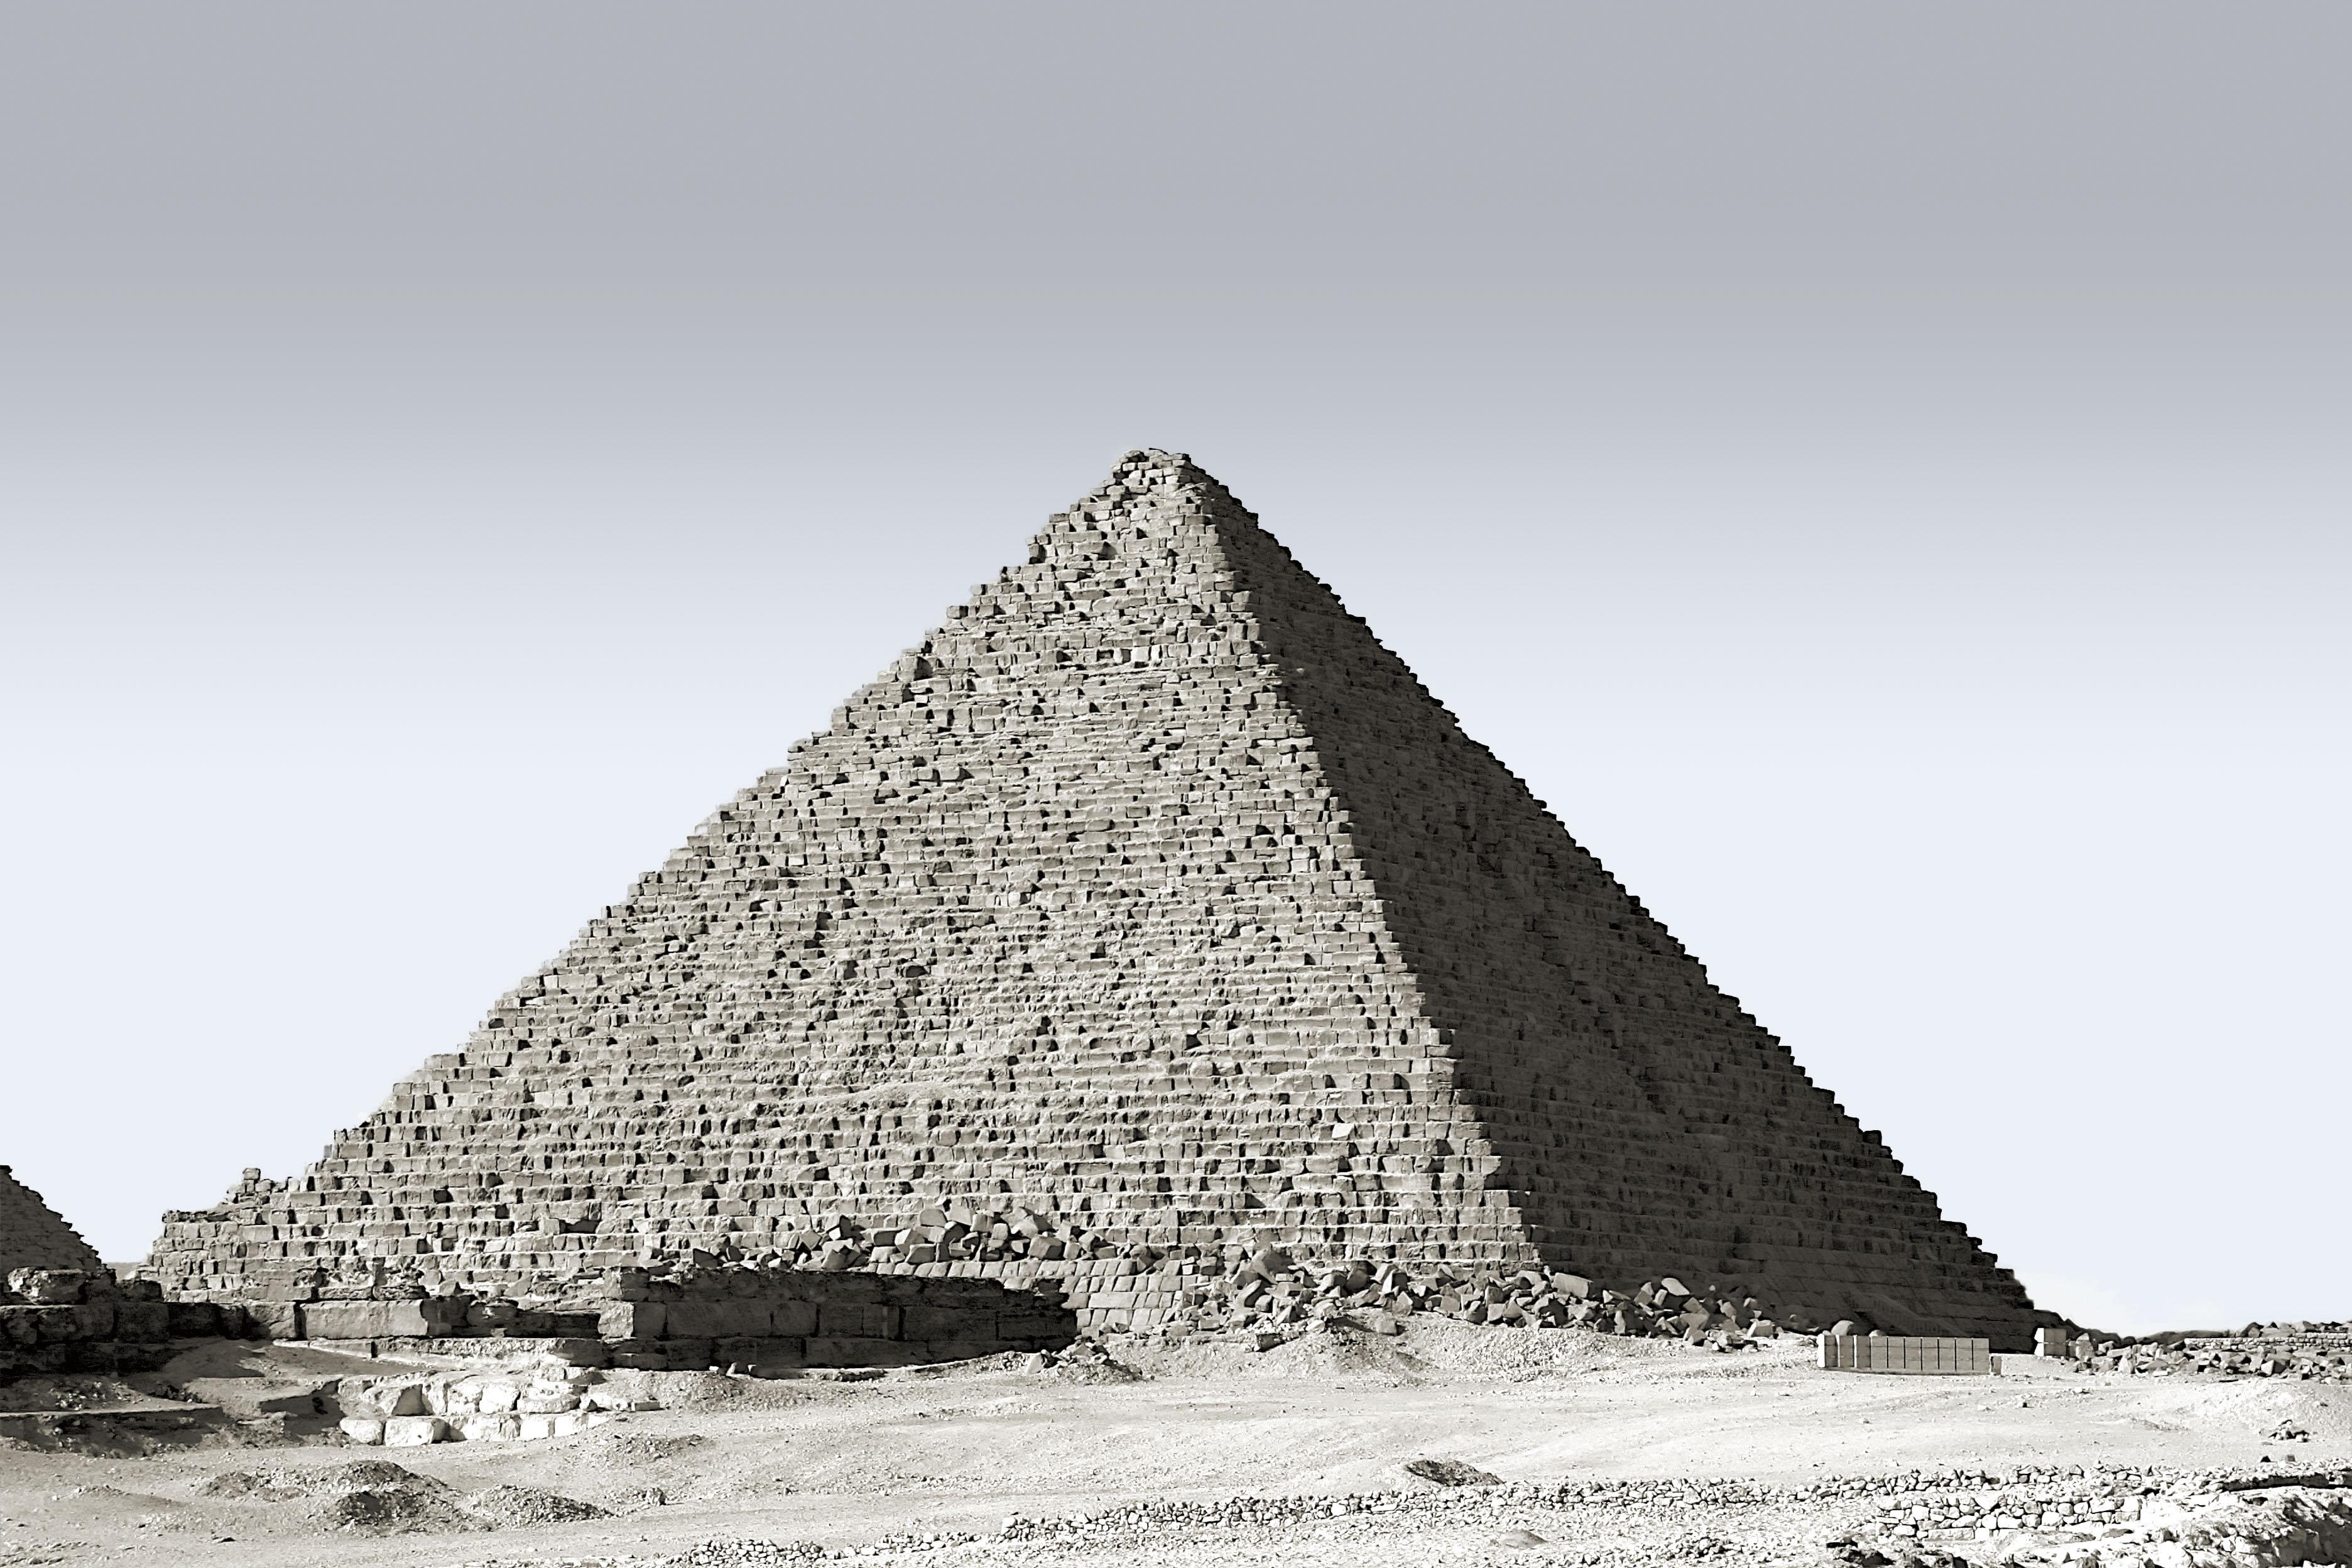 Gambar Monumen Piramida Tengara Satu Warna Mesir Hitam Dan